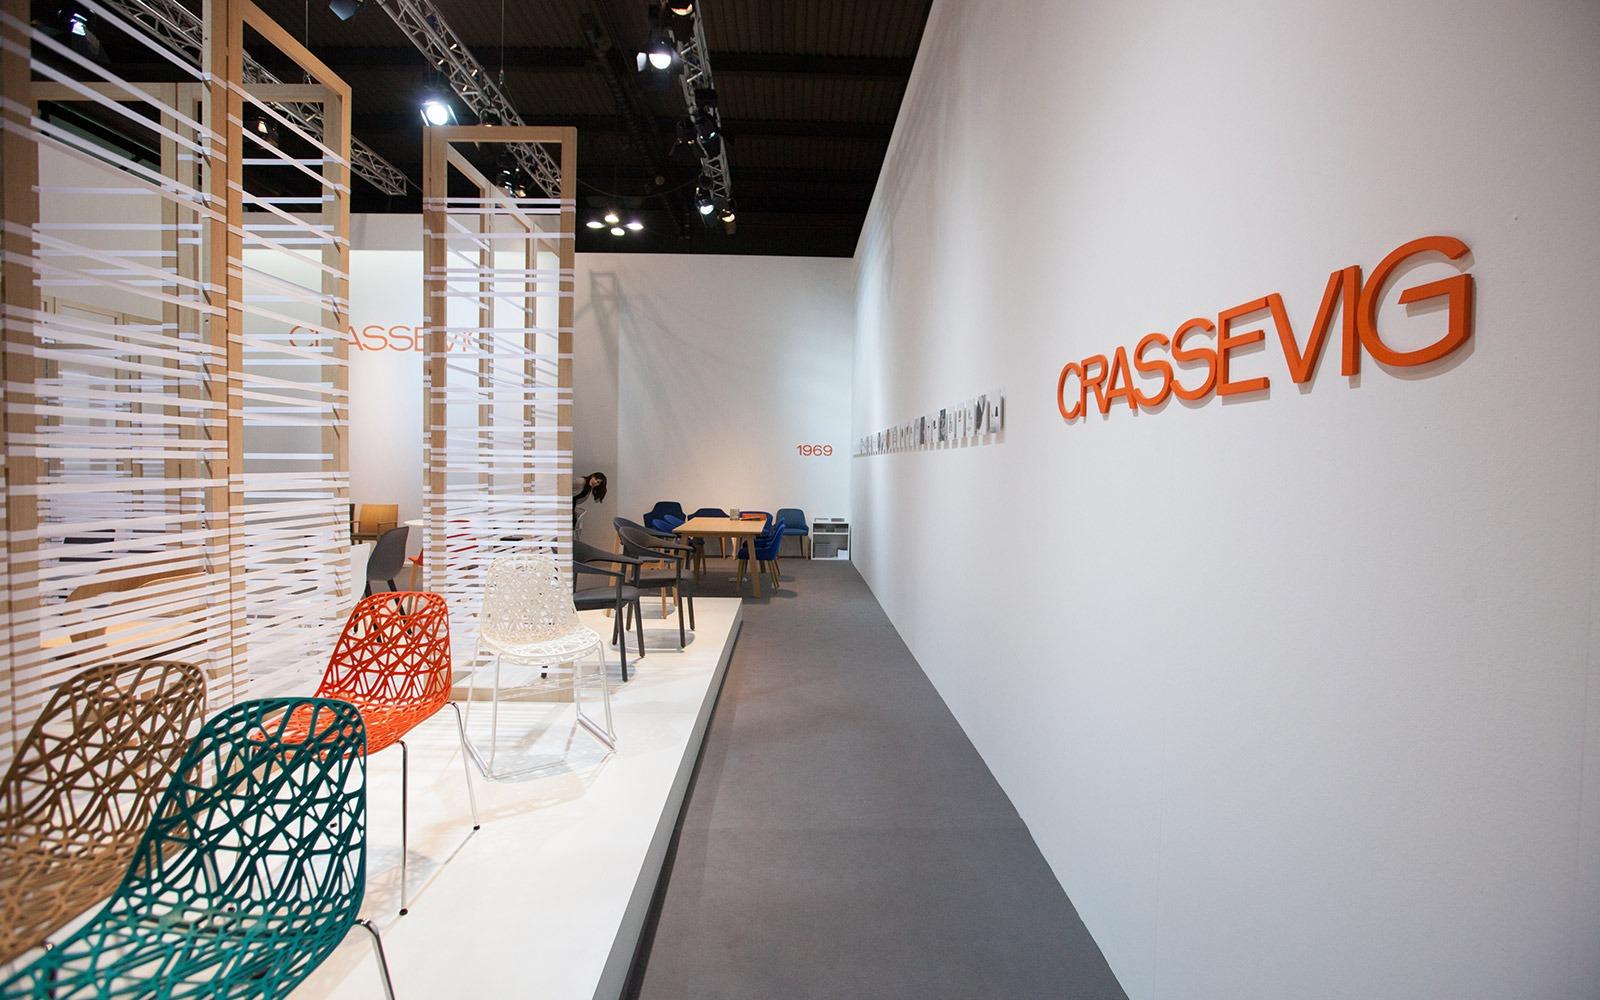 Crassevig Salone Internazionale del Mobile